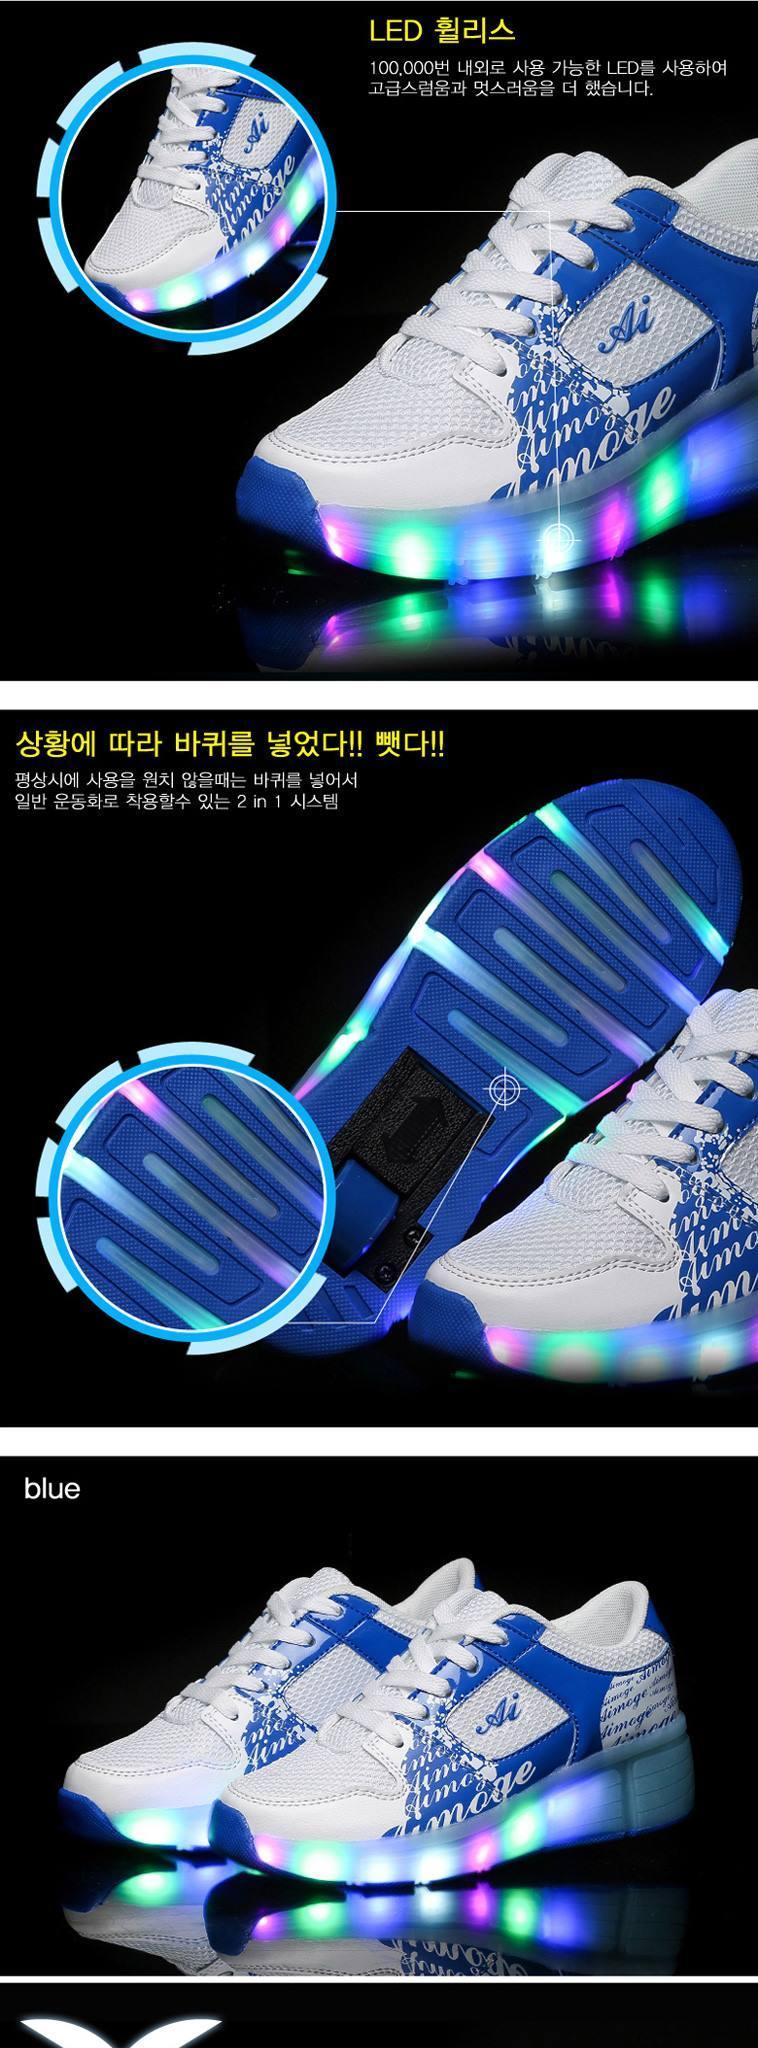 [무료배송] 이지오 LED휠리스 운동화 - 상세정보